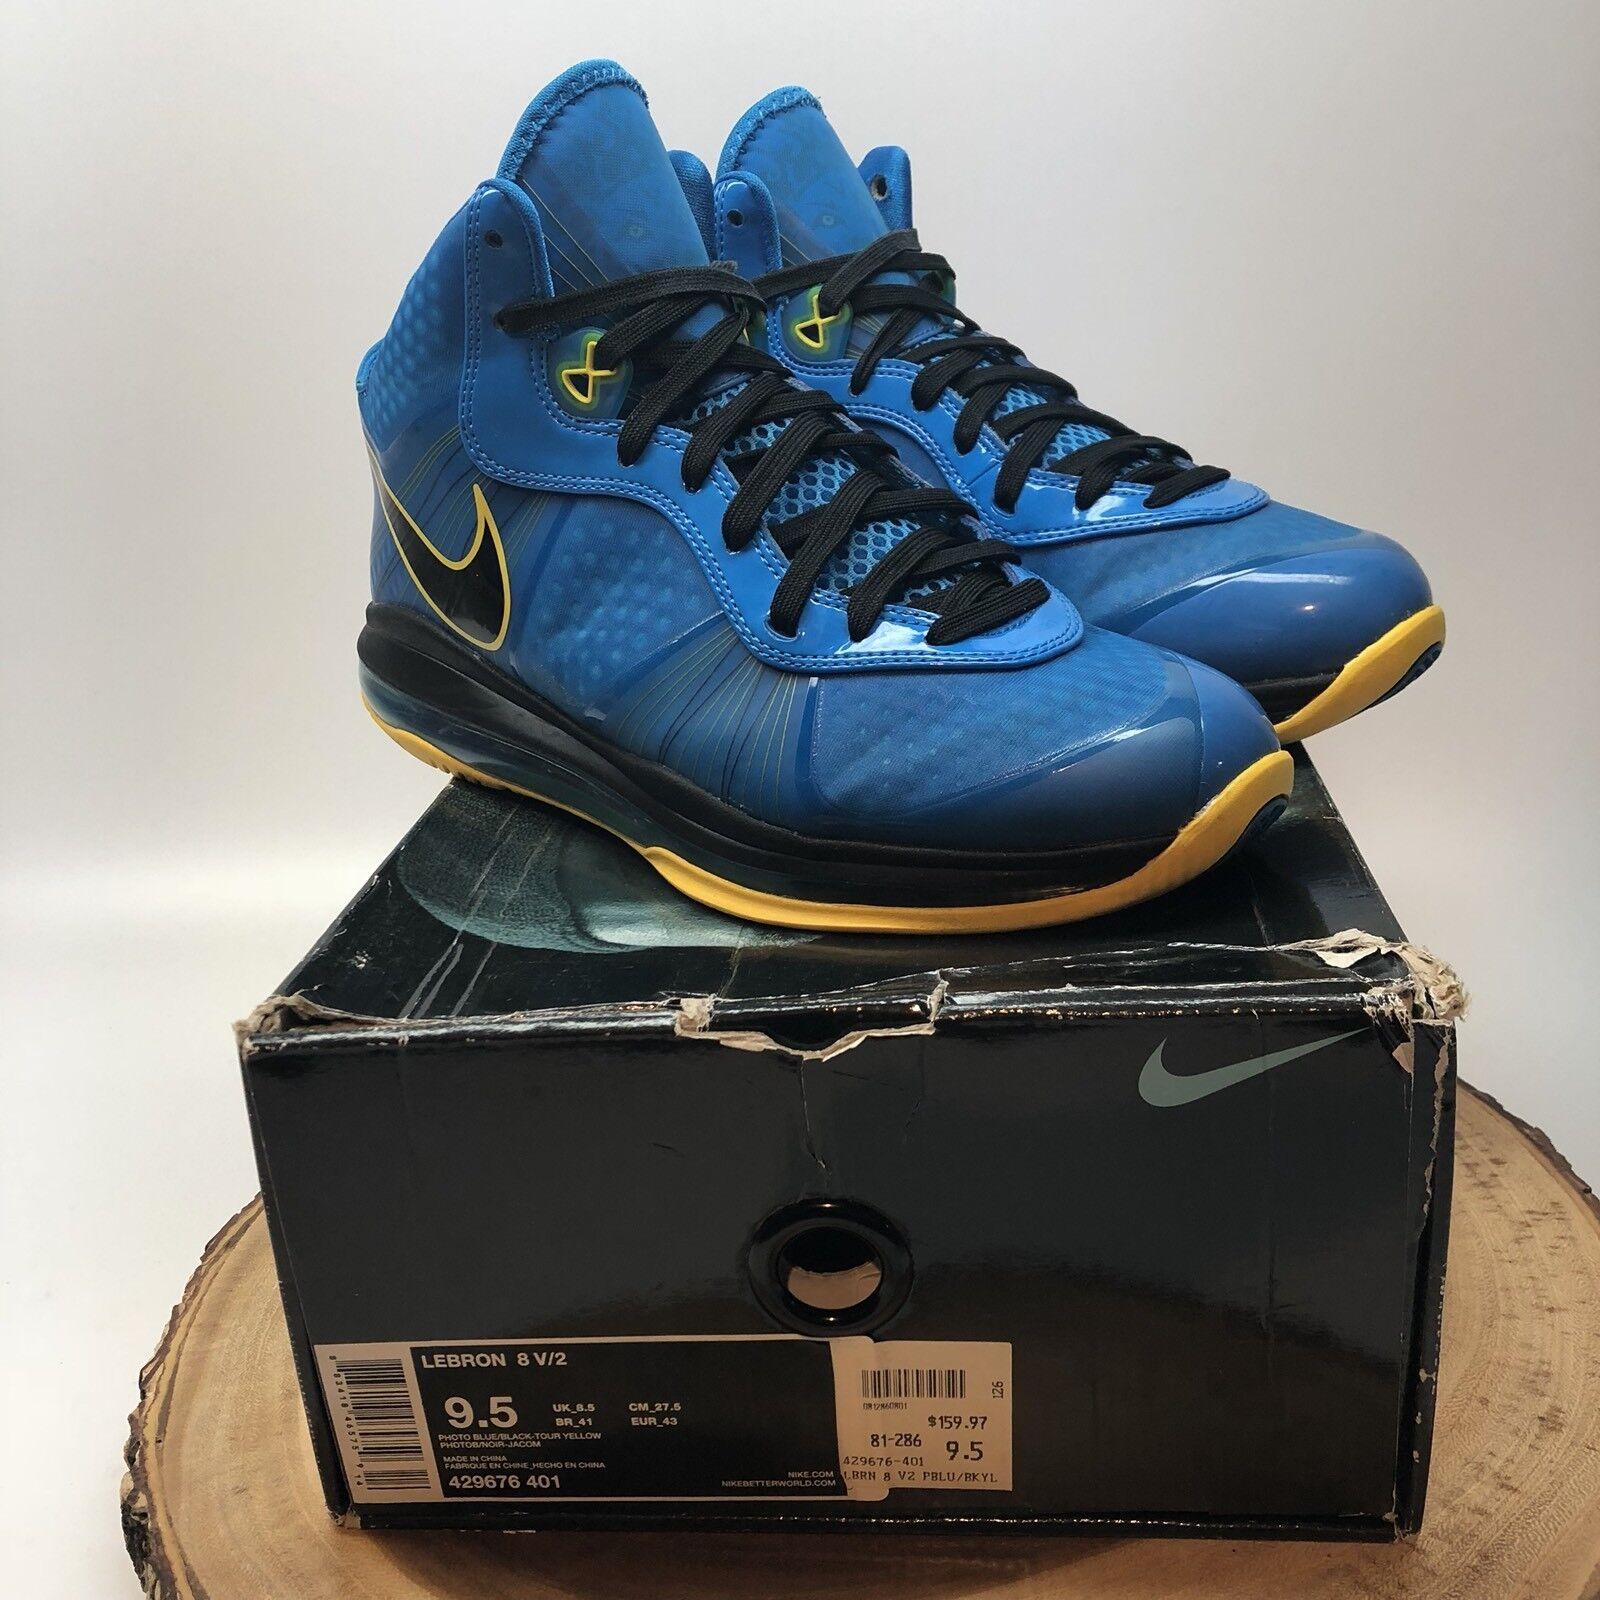 Nike Air Max LeBron 2 VIII 8 V / 2 LeBron Entourage foto azul negro amarillo 429676-401 9,5 bf0429